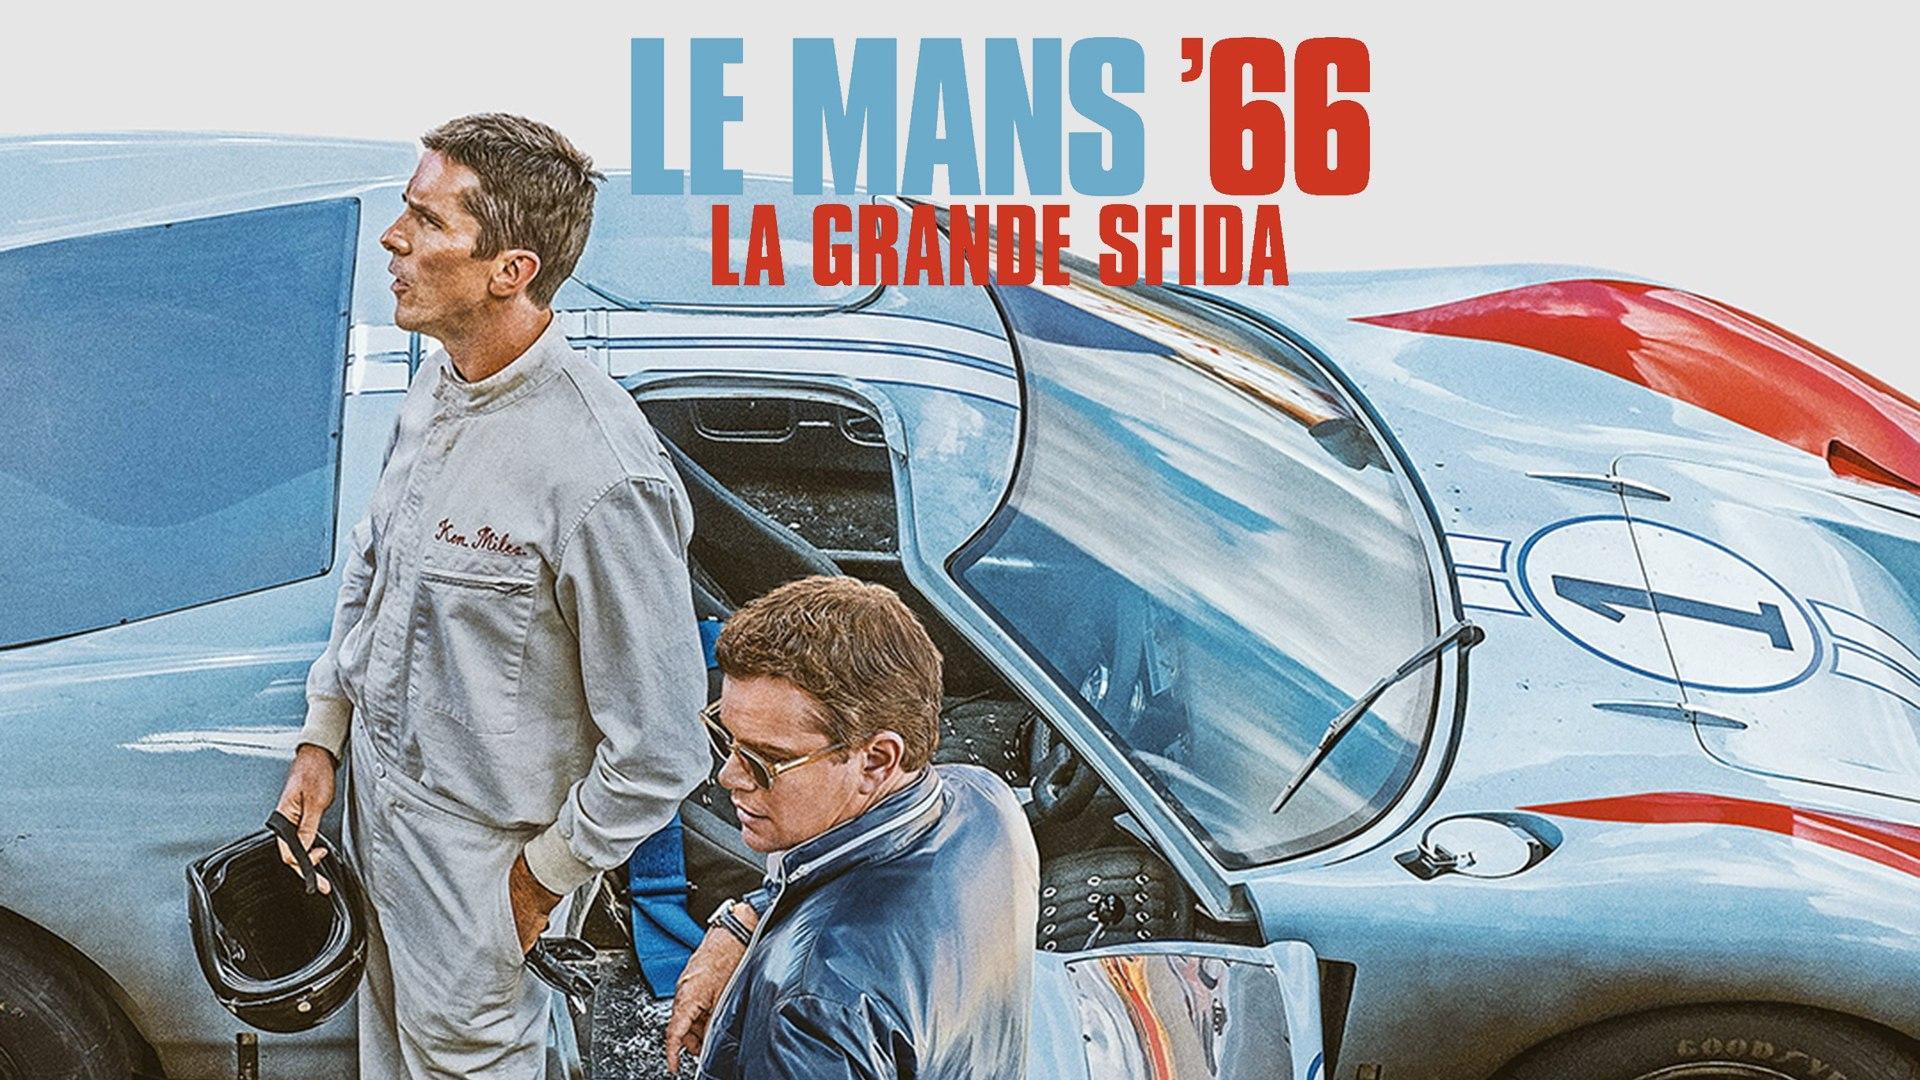 Lunedi 2 Novembre 2020 Sky Cinema HD, Le Mans 66 - La grande sfida